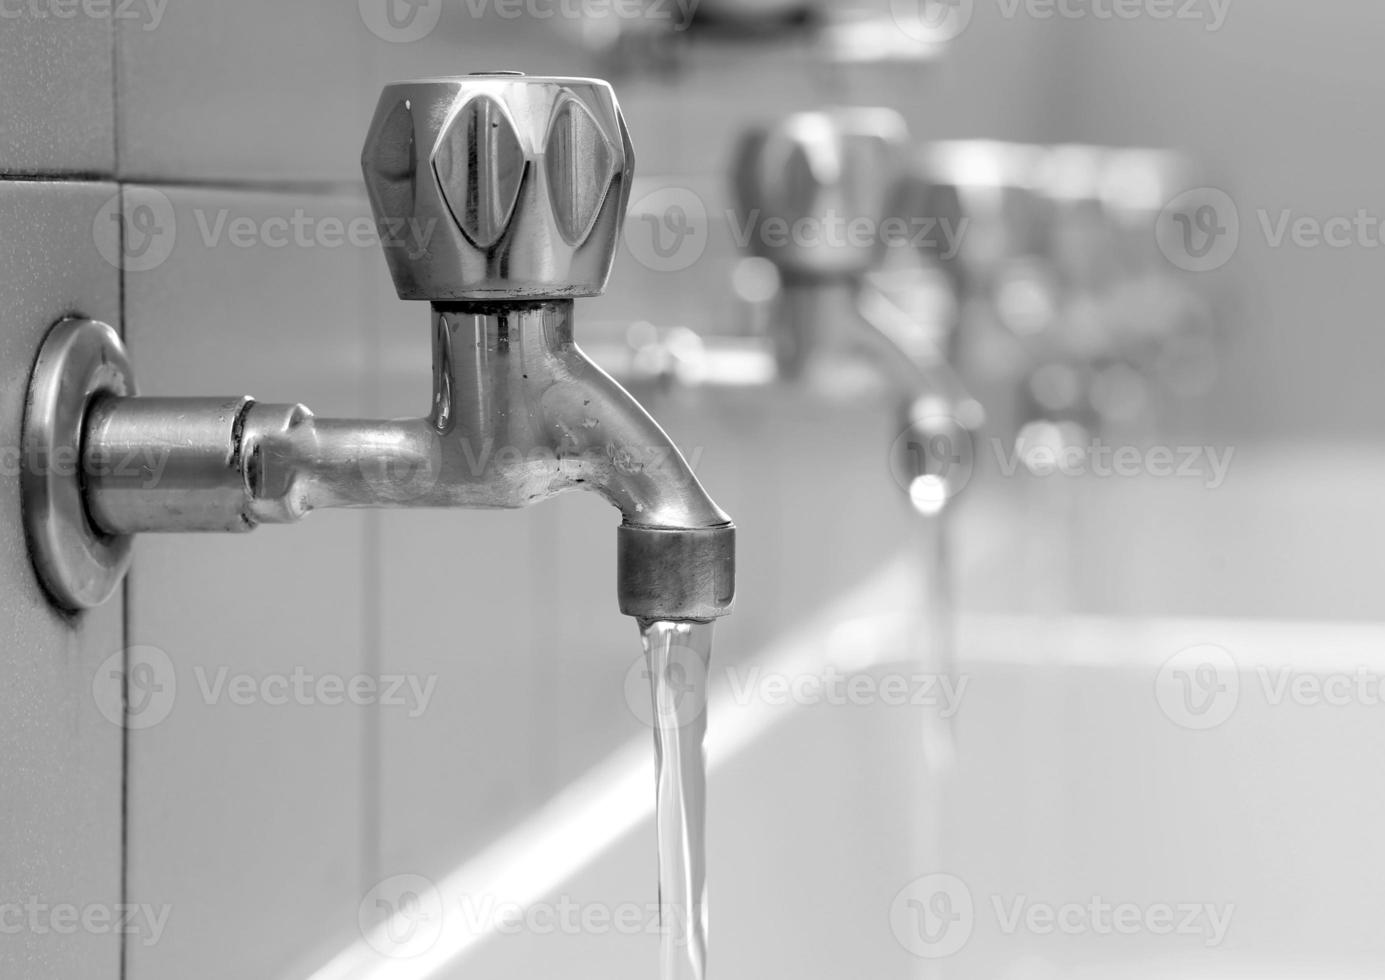 torneiras abertas com água corrente nos balneários do banho foto